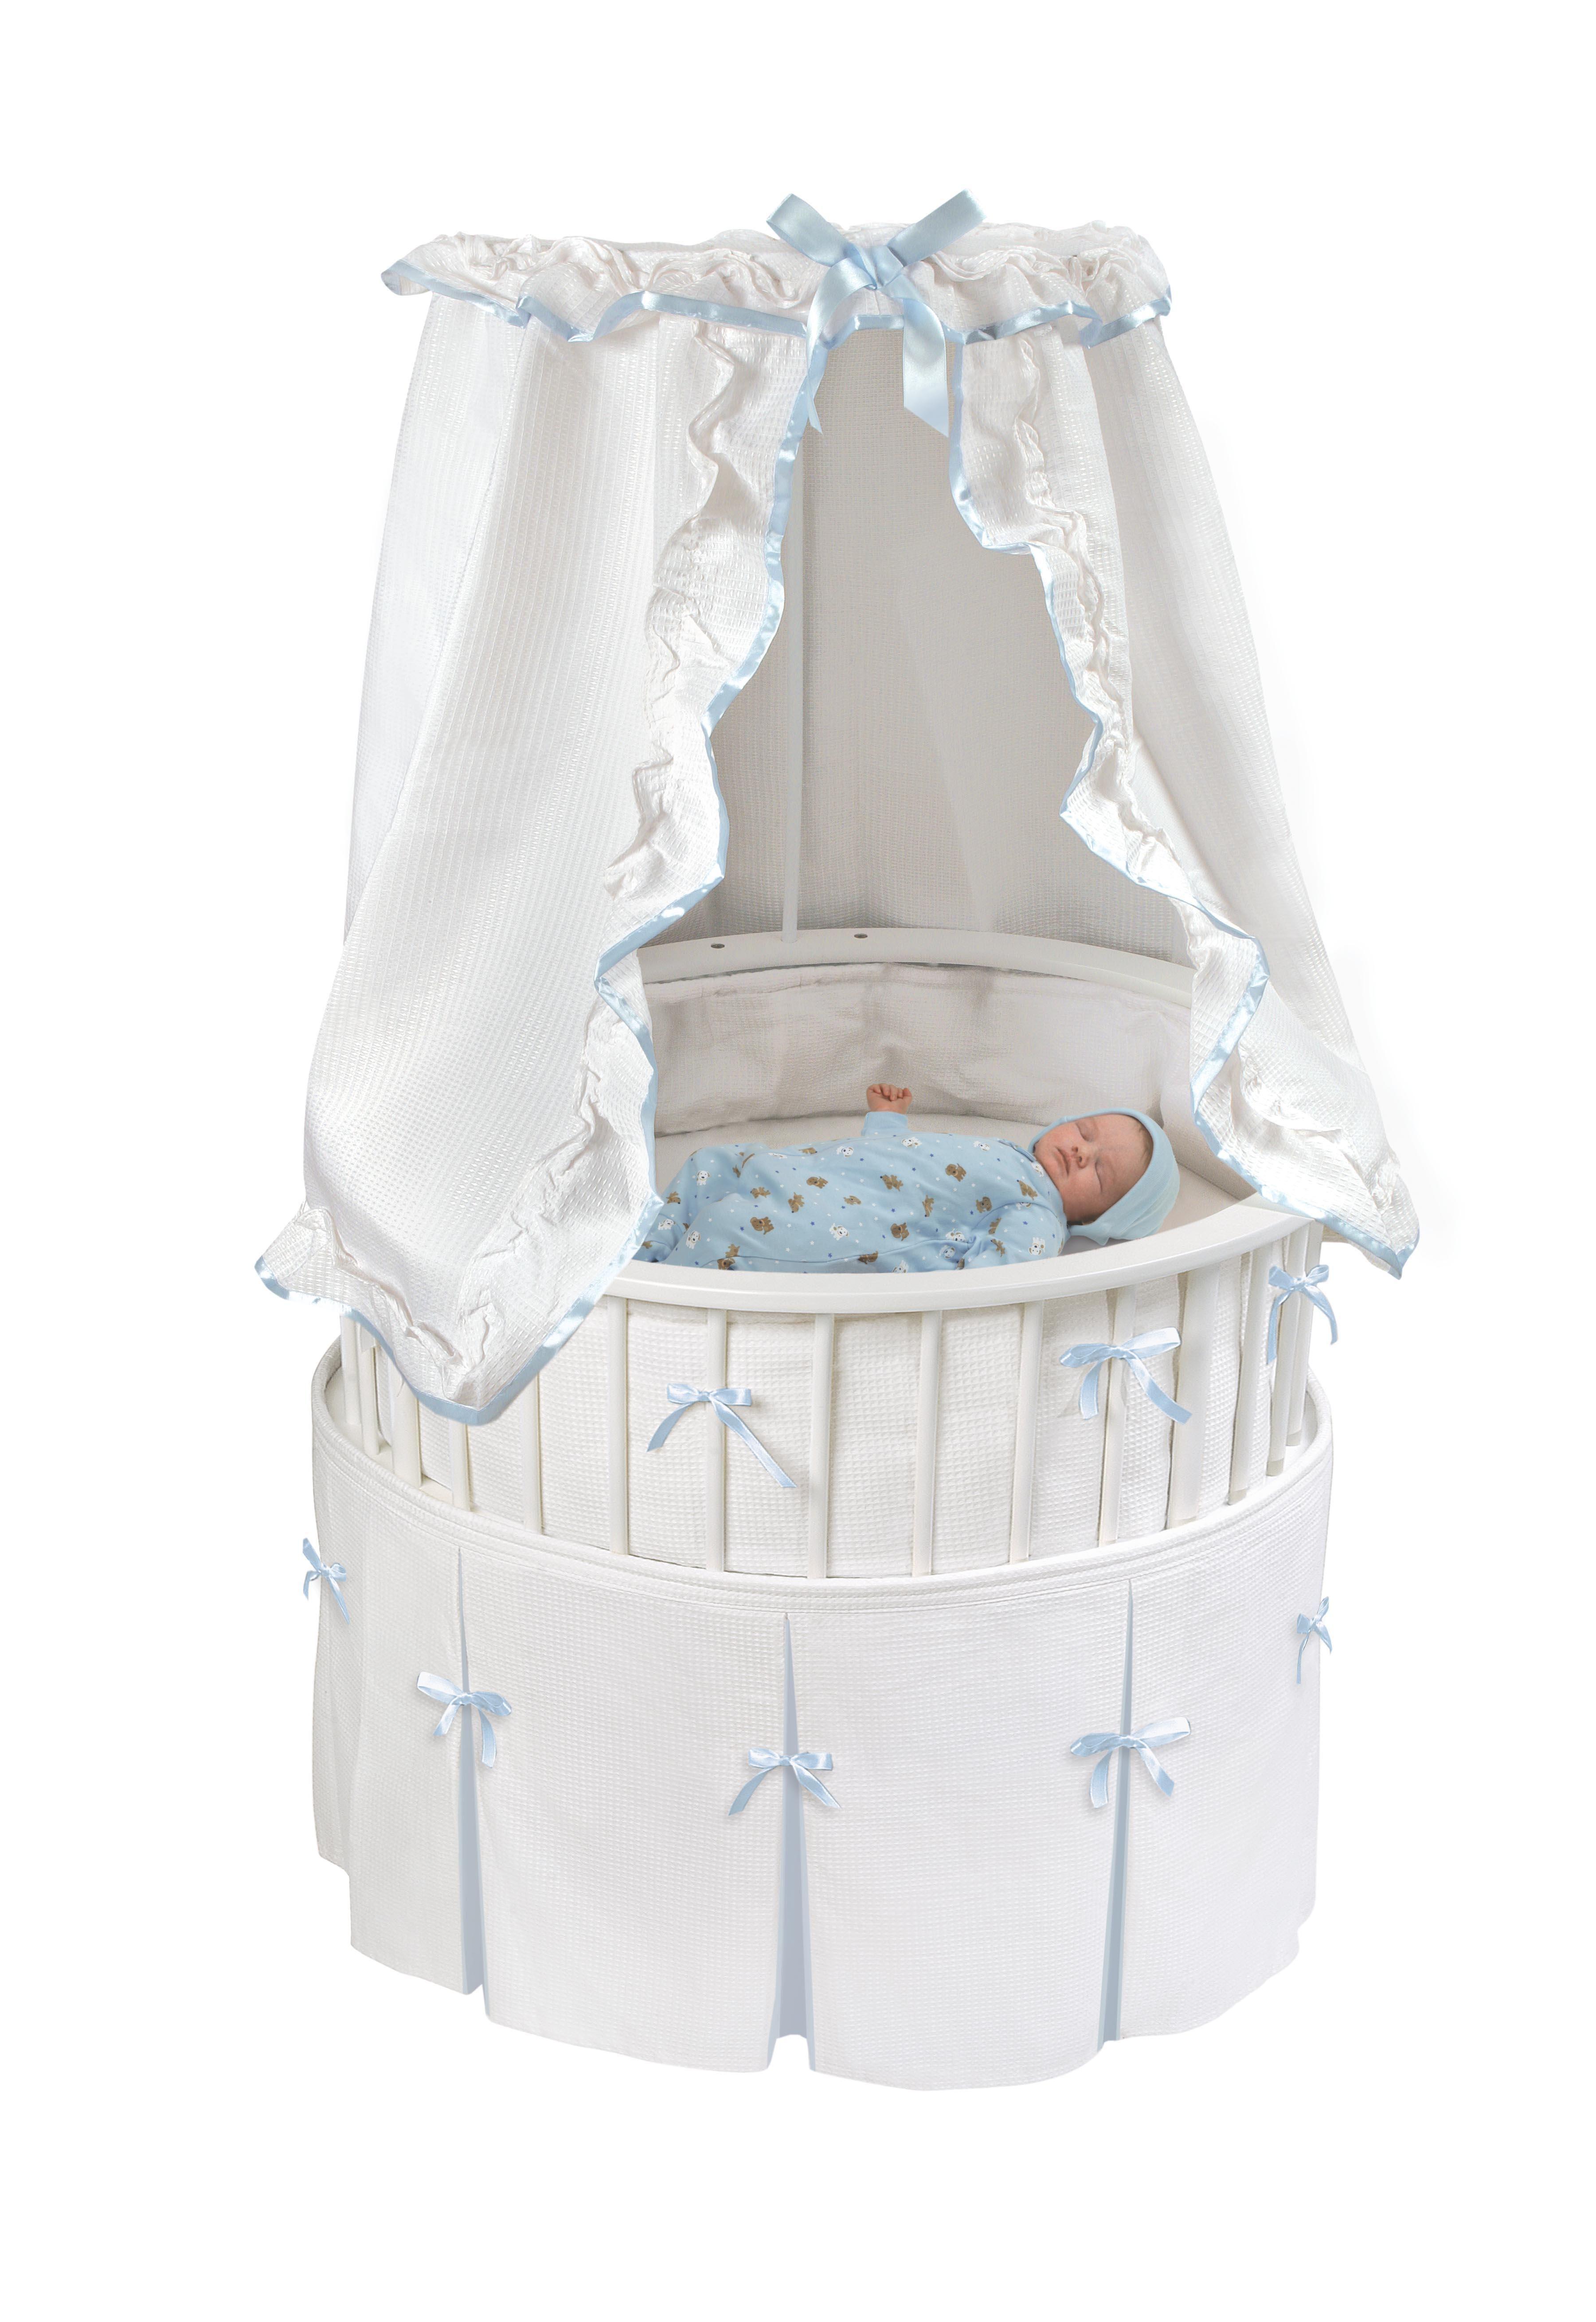 Badger Basket Elite Oval Baby Bassinet White | Baby bassinets ...